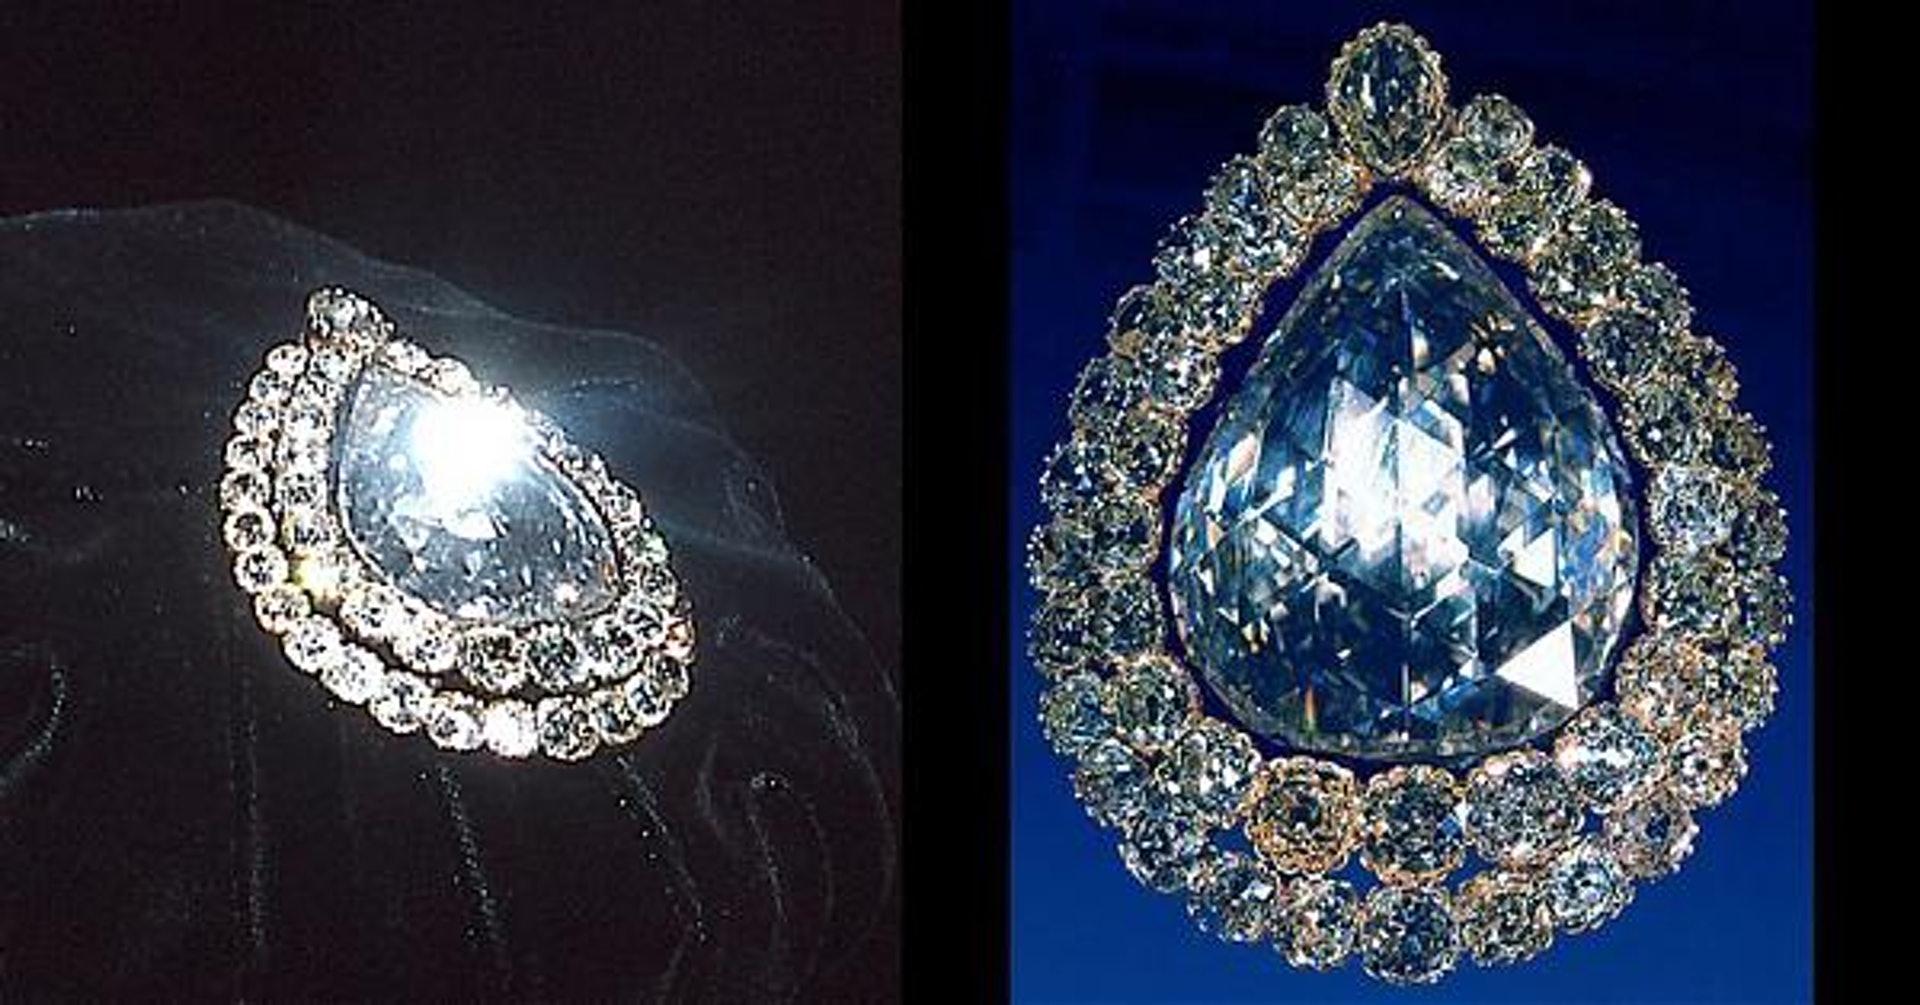 造匙者鑽石是土耳其托普卡帕宮博物館的鎮館之寶。(世界高級品)